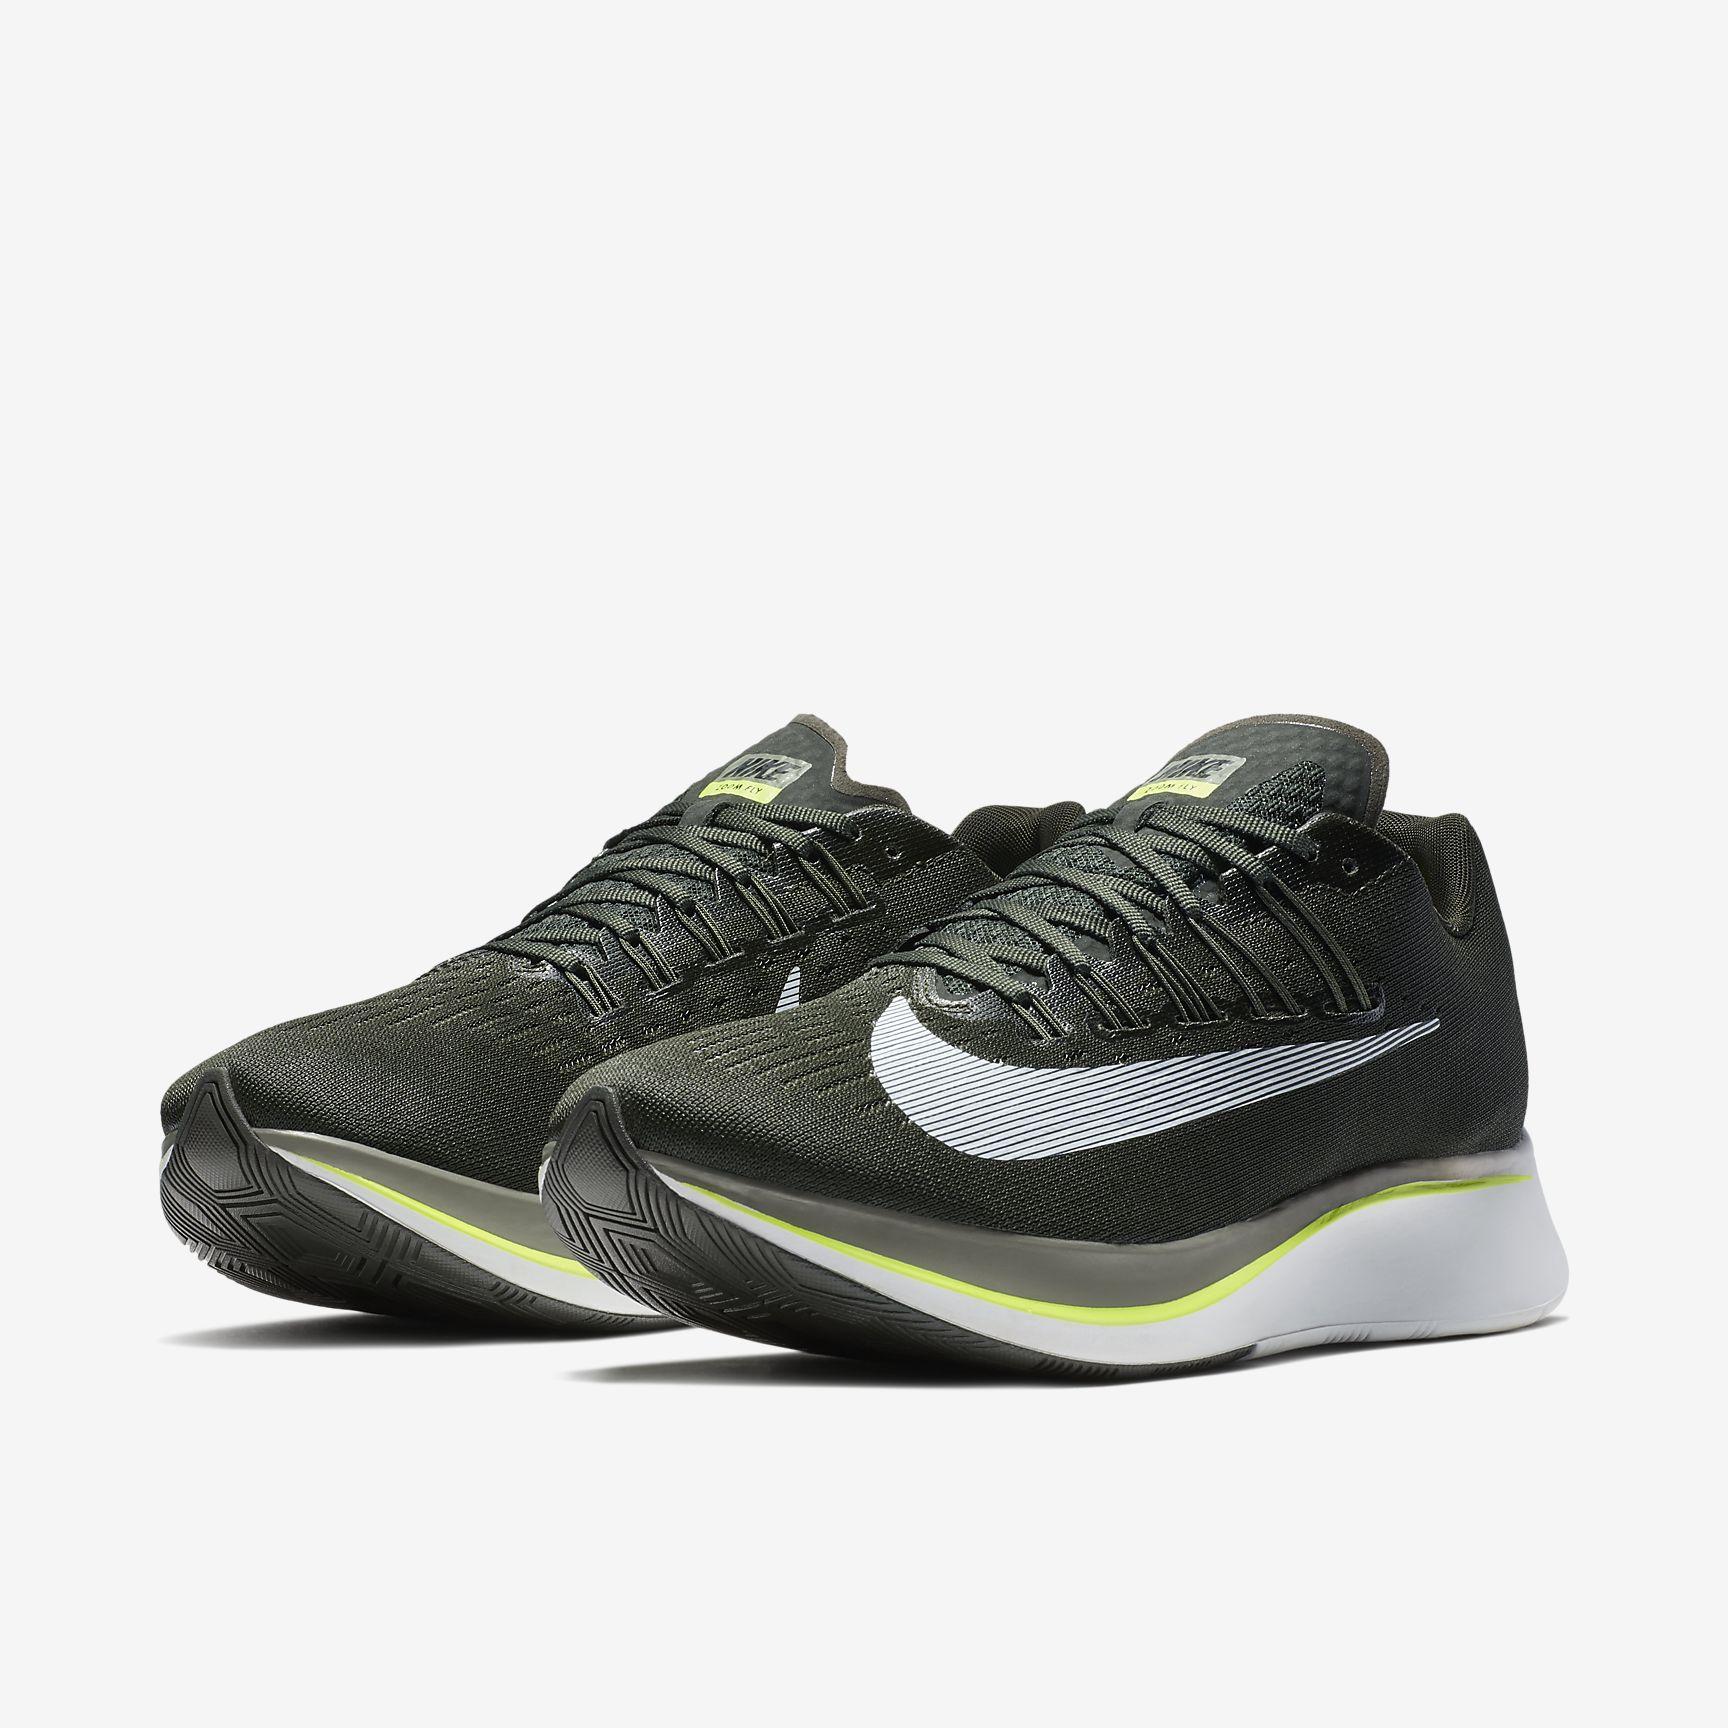 Une étude confirme le gain de 4% sur la foulée des Nike Vaporfly